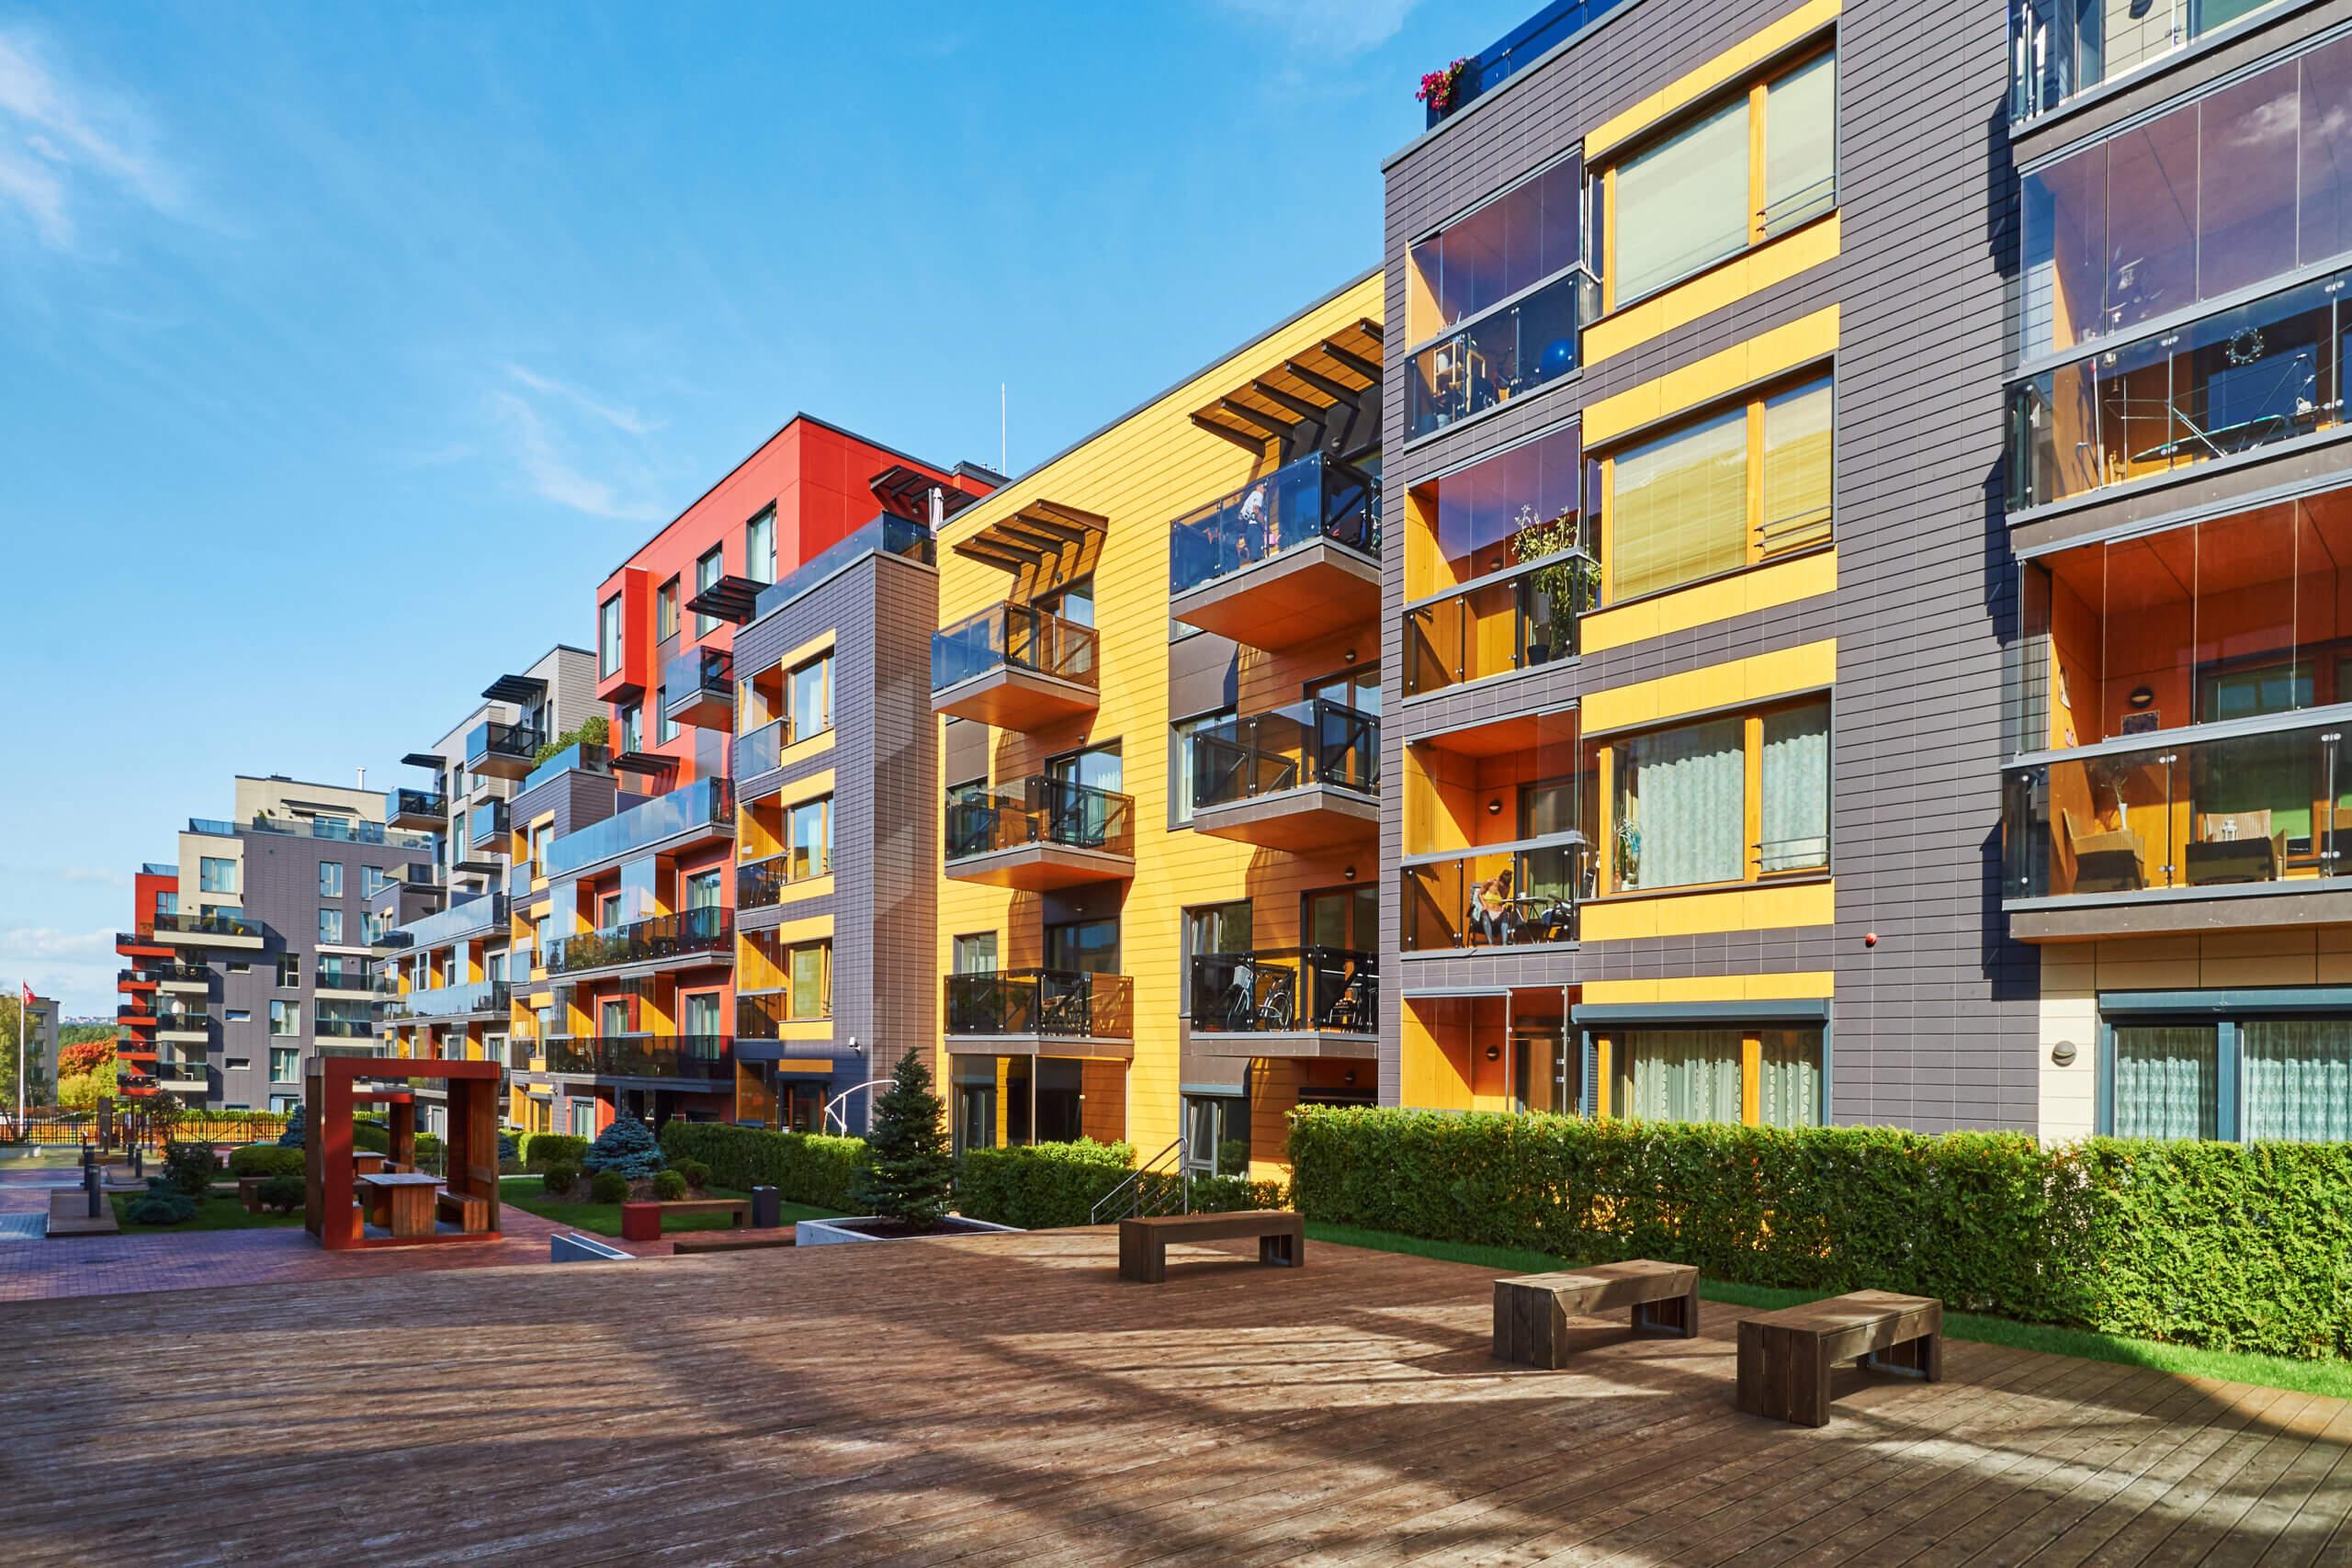 Minőségi életstílusra és nyugodt környezetre vágyik? Nézze meg ezeket az újépítésű lakóparkokat